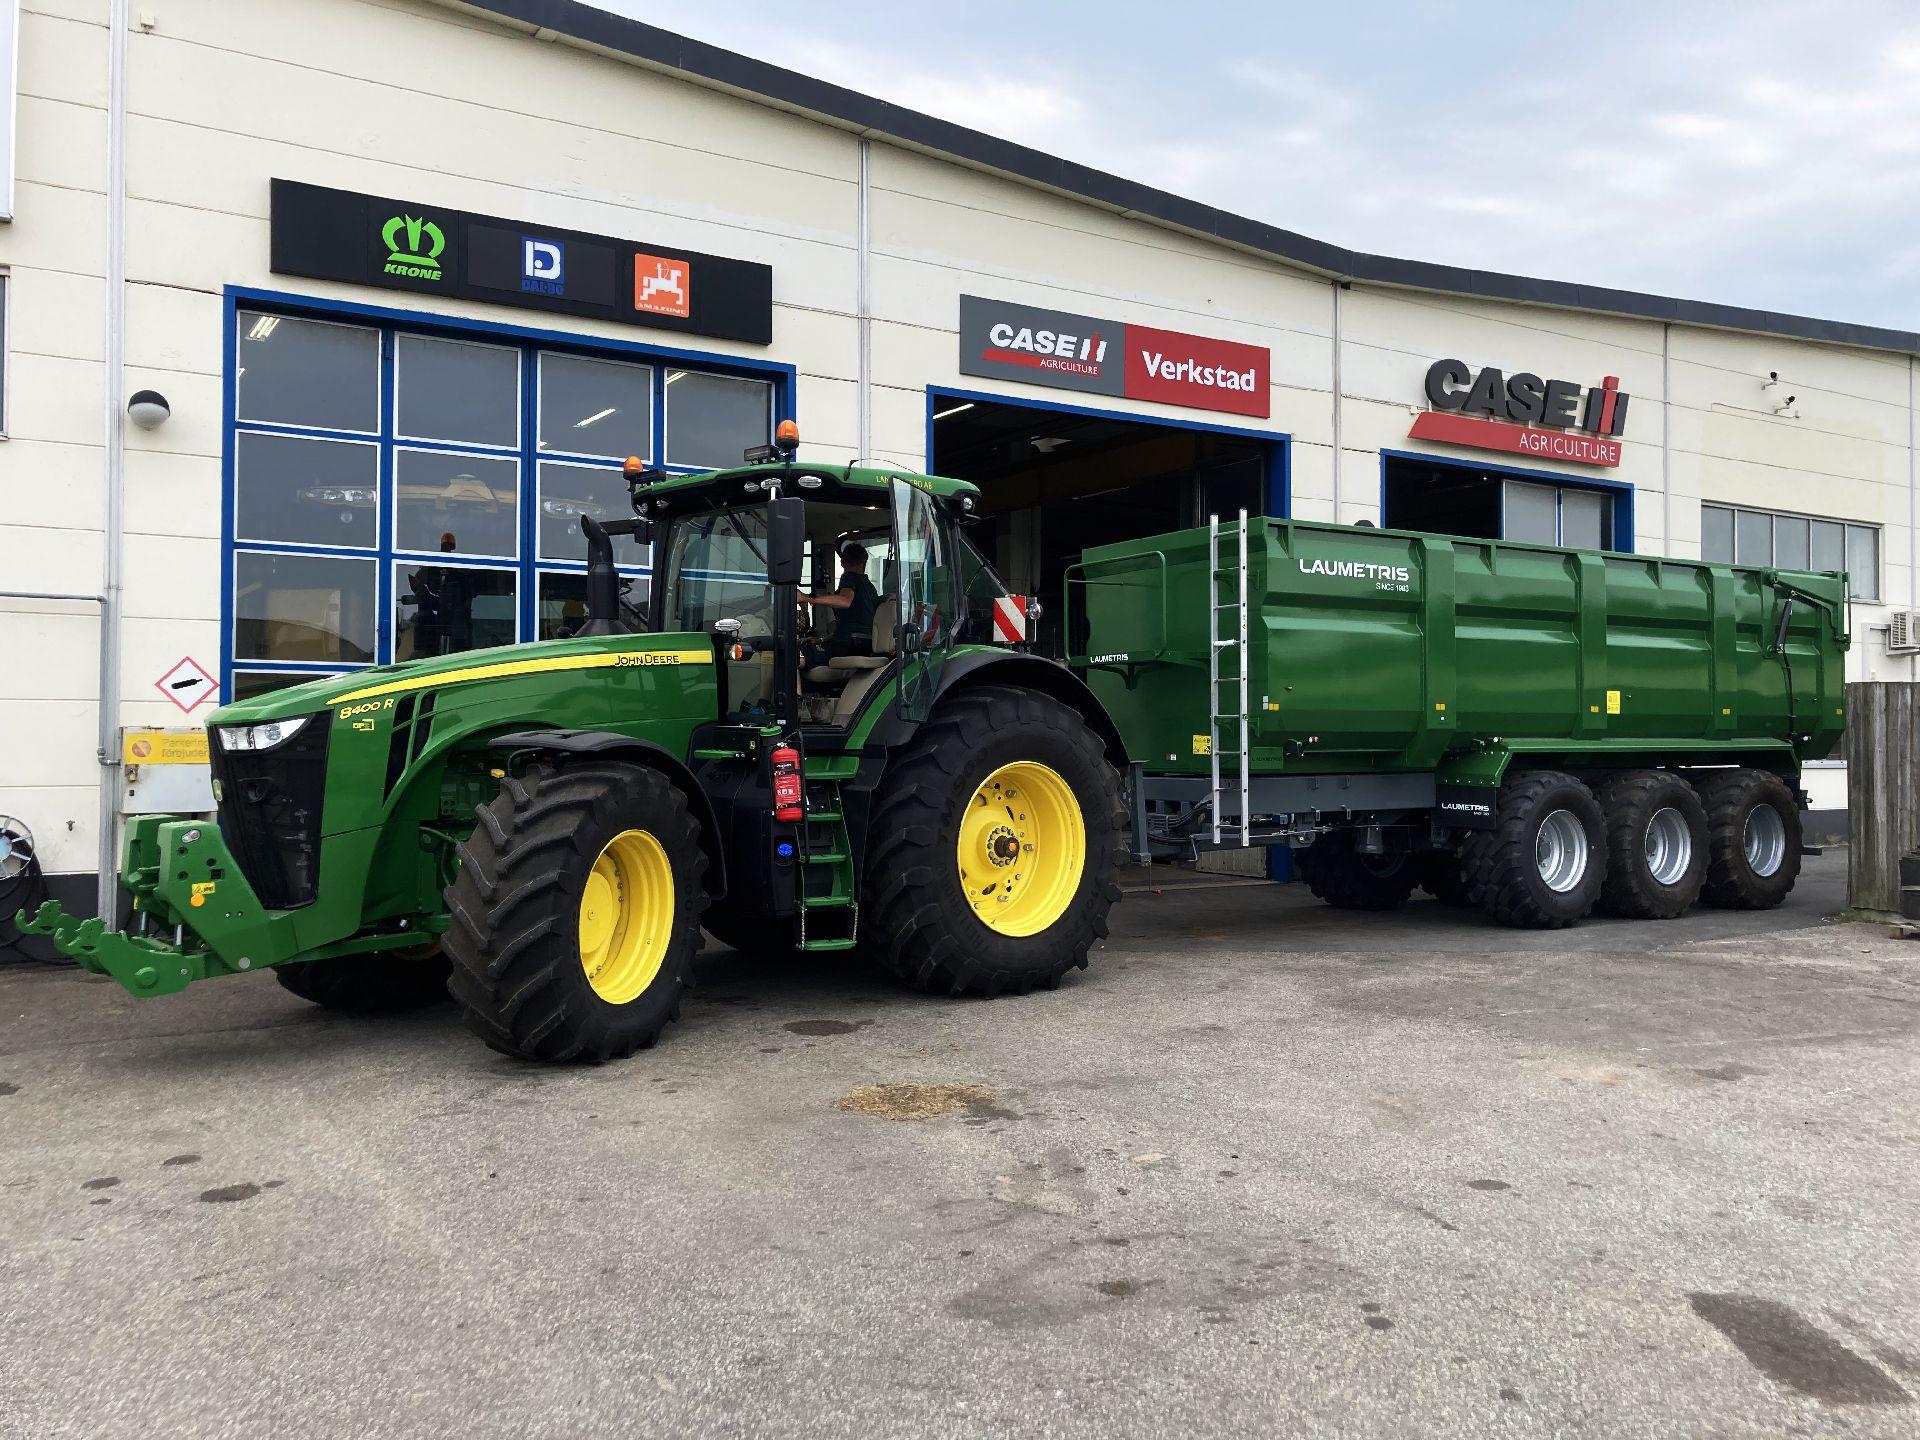 Universali traktorinė puspriekabė PTL-24F, Laumetris